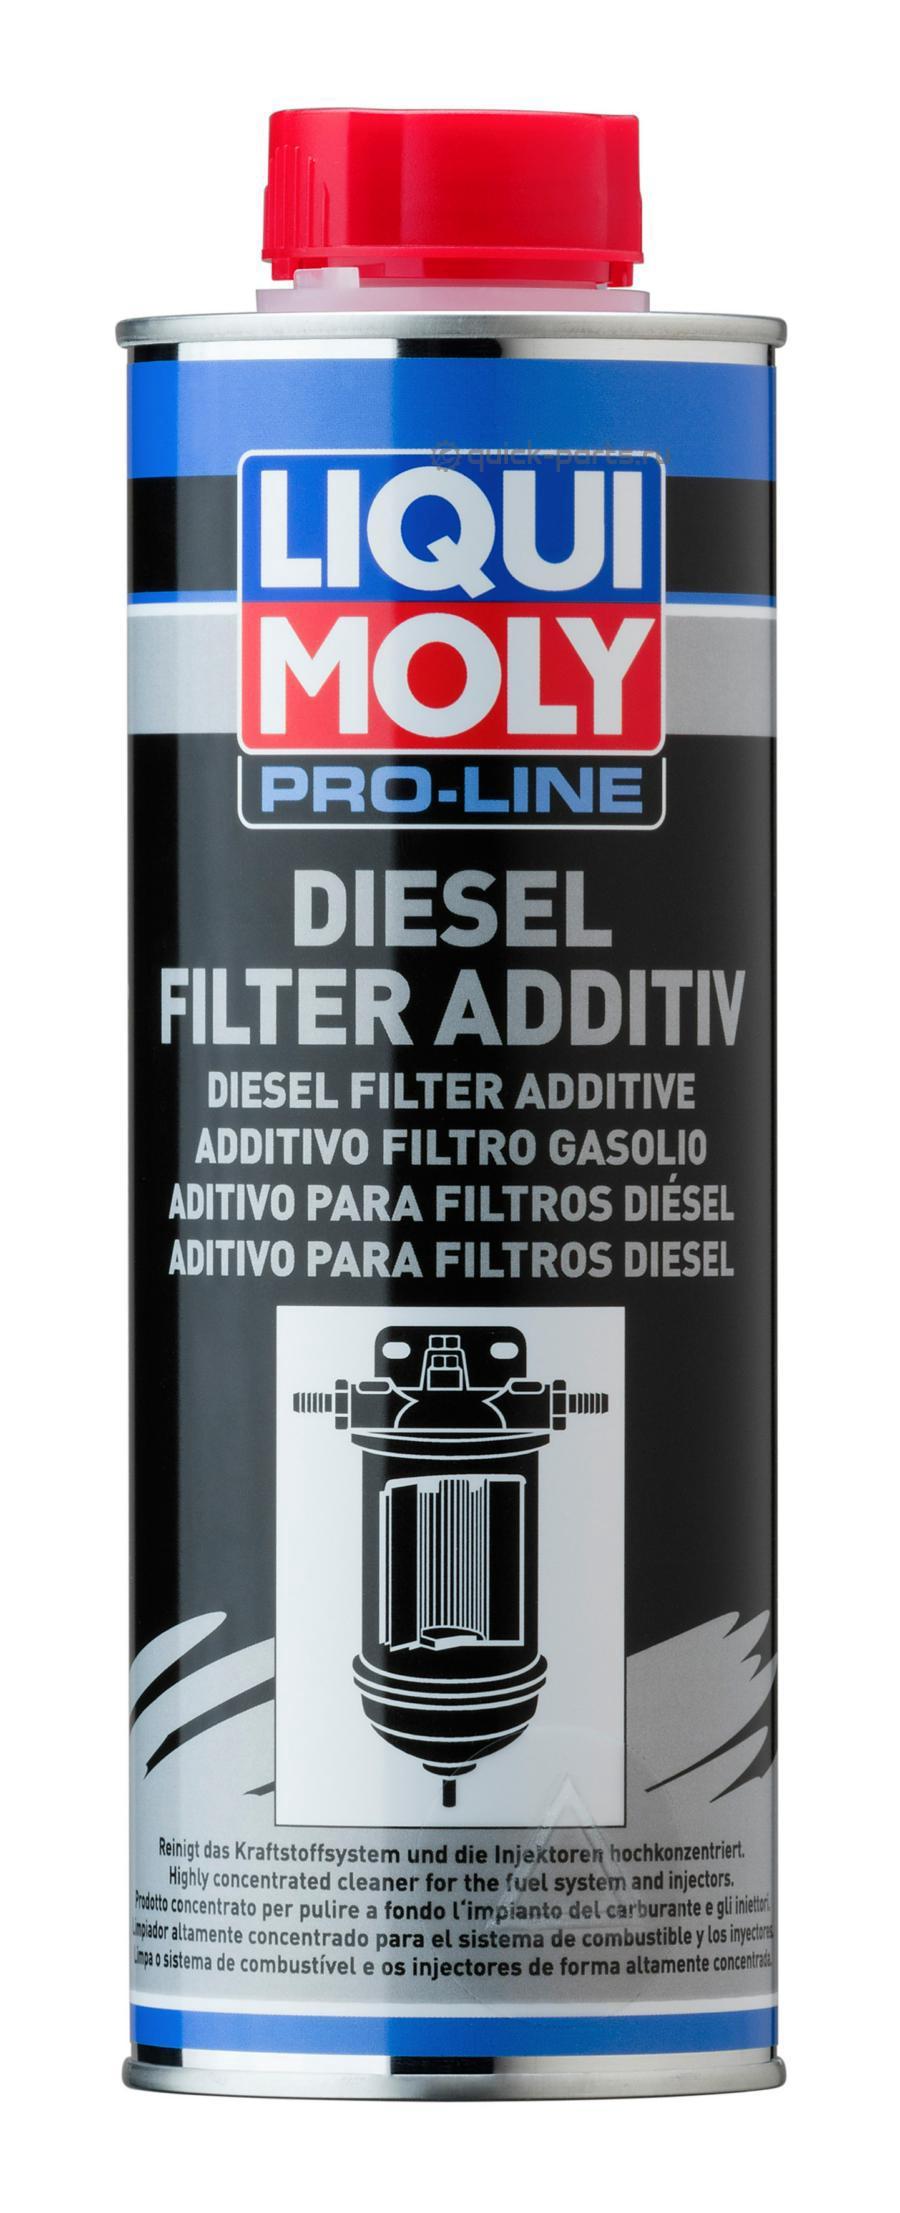 Присадка для дизельных топливных фильтров Pro-Line Diesel Filter Additive 0,5л